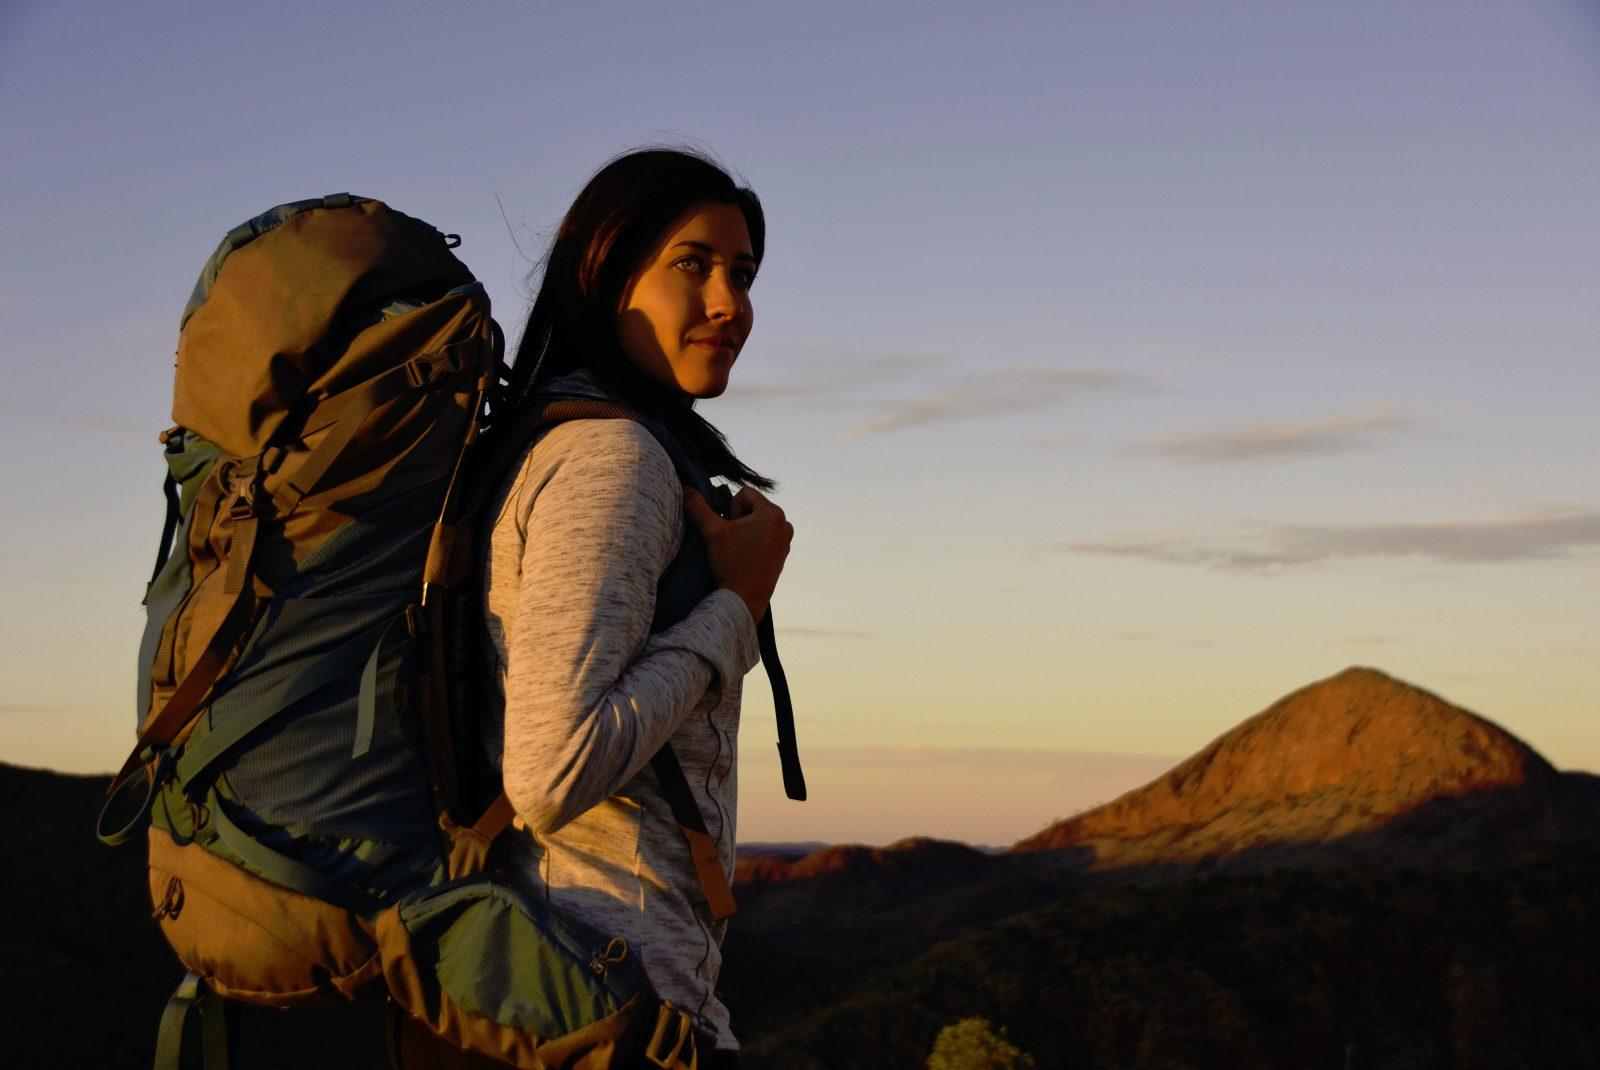 Solo Female Trekker on the Larapinta Trail